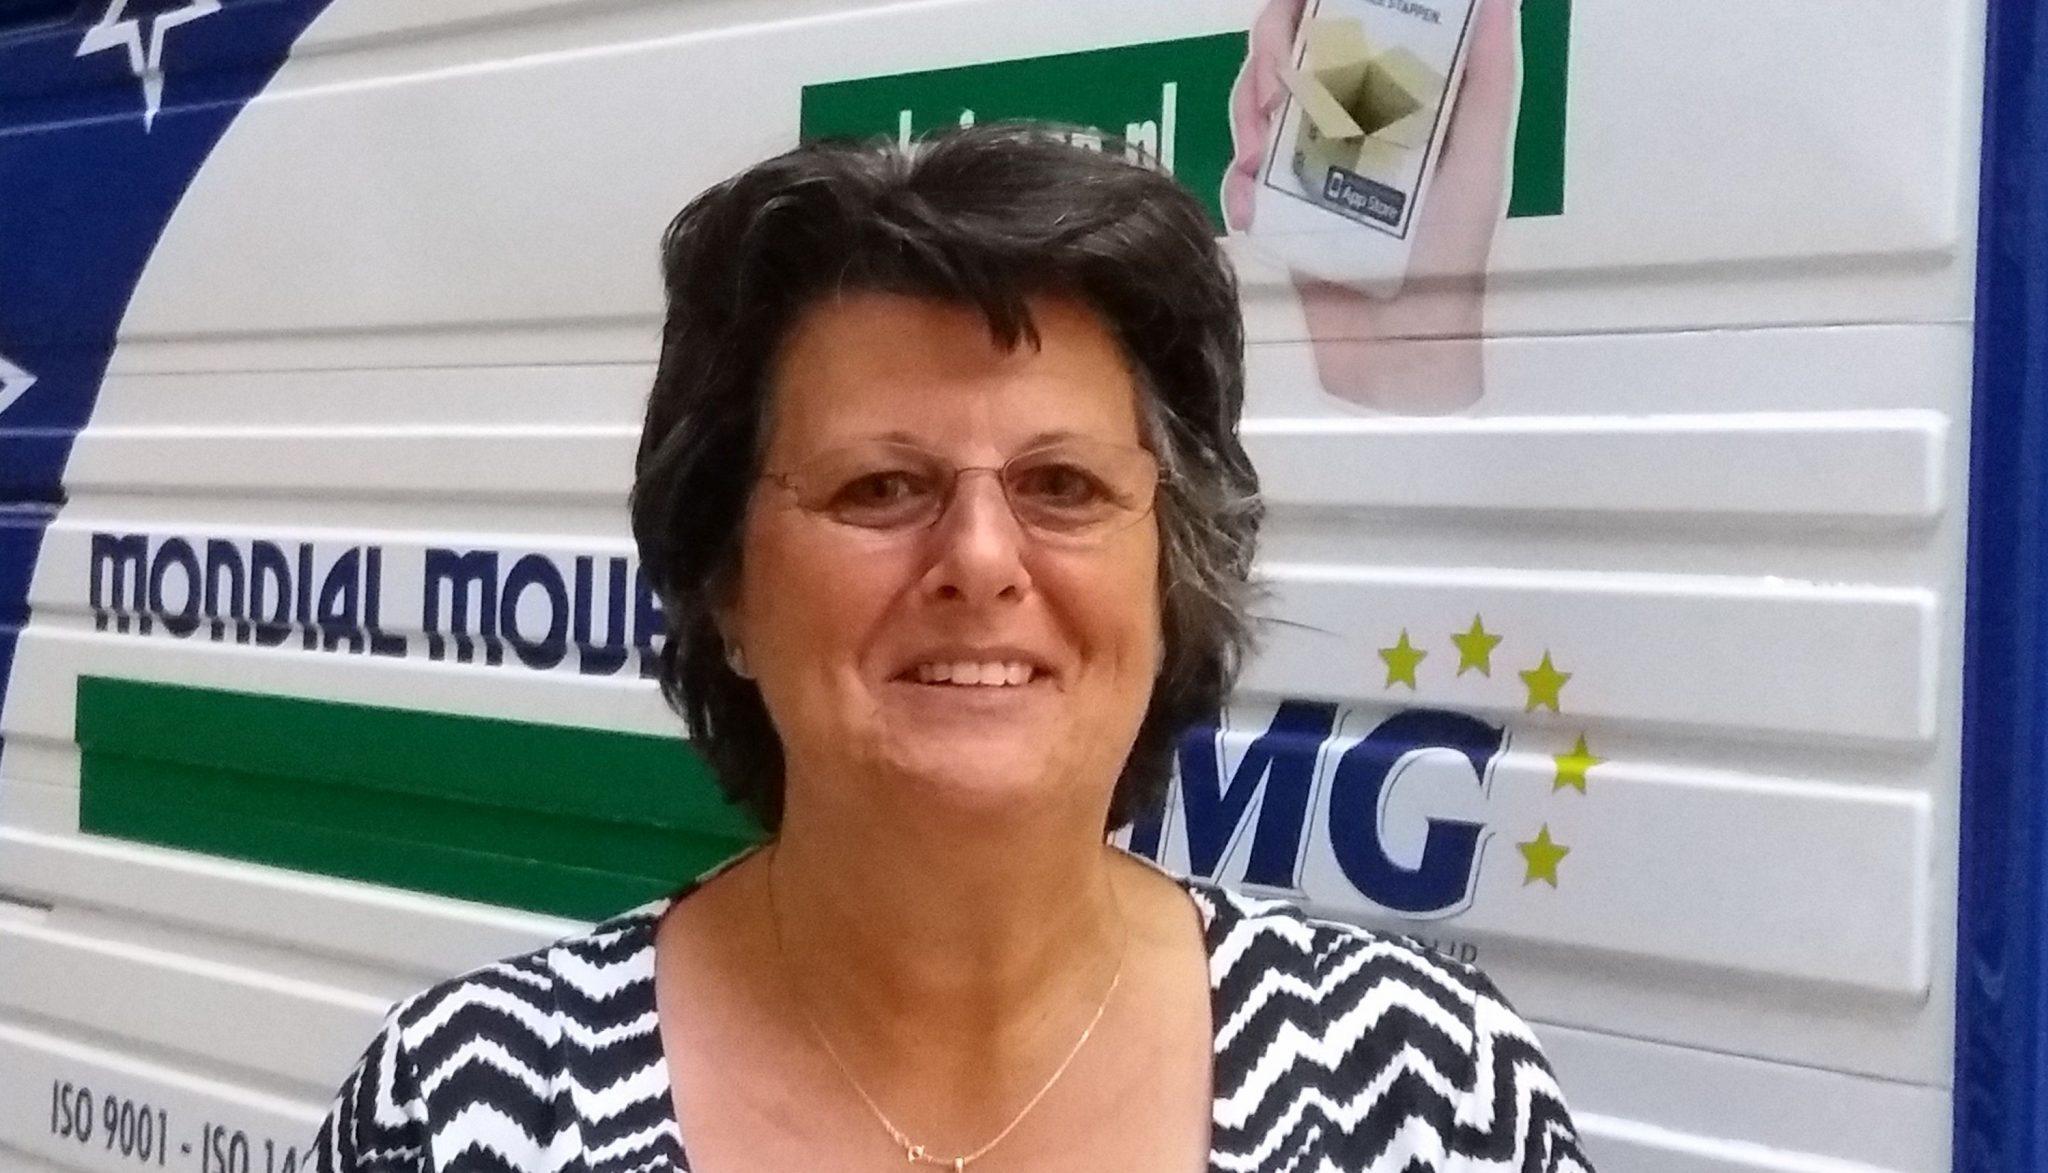 Marianne Junge